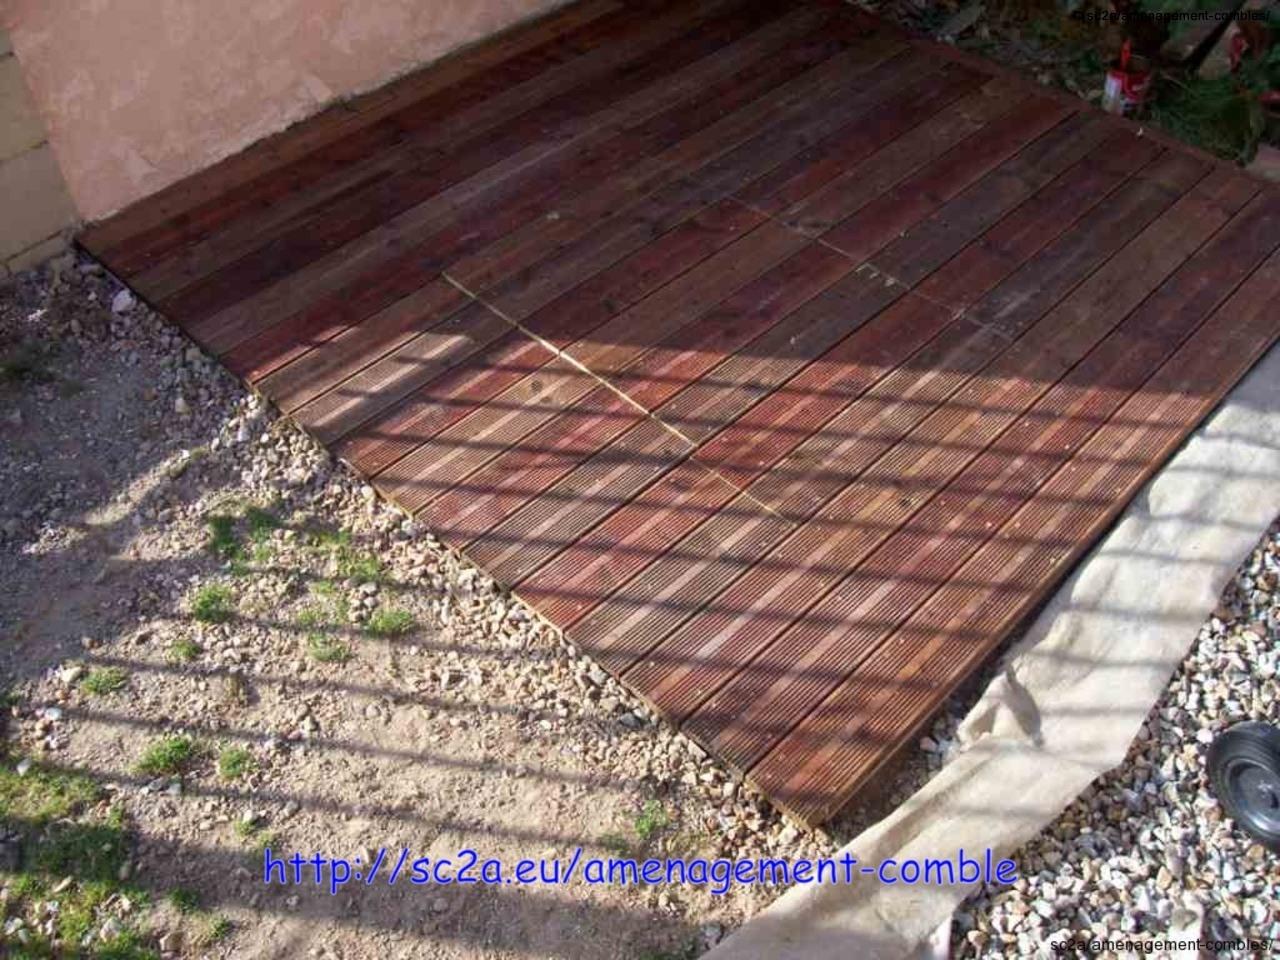 vue de la terrasse en lames pin autoclave 4